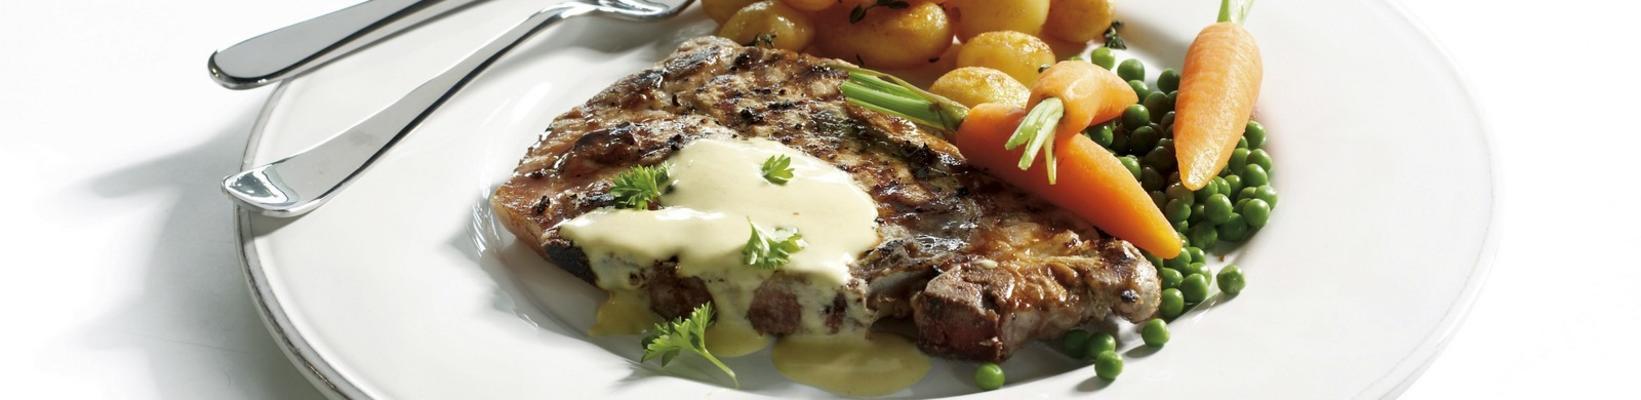 kavrulmuş omuz pirzolası, patates ve ballı hardal sos ile